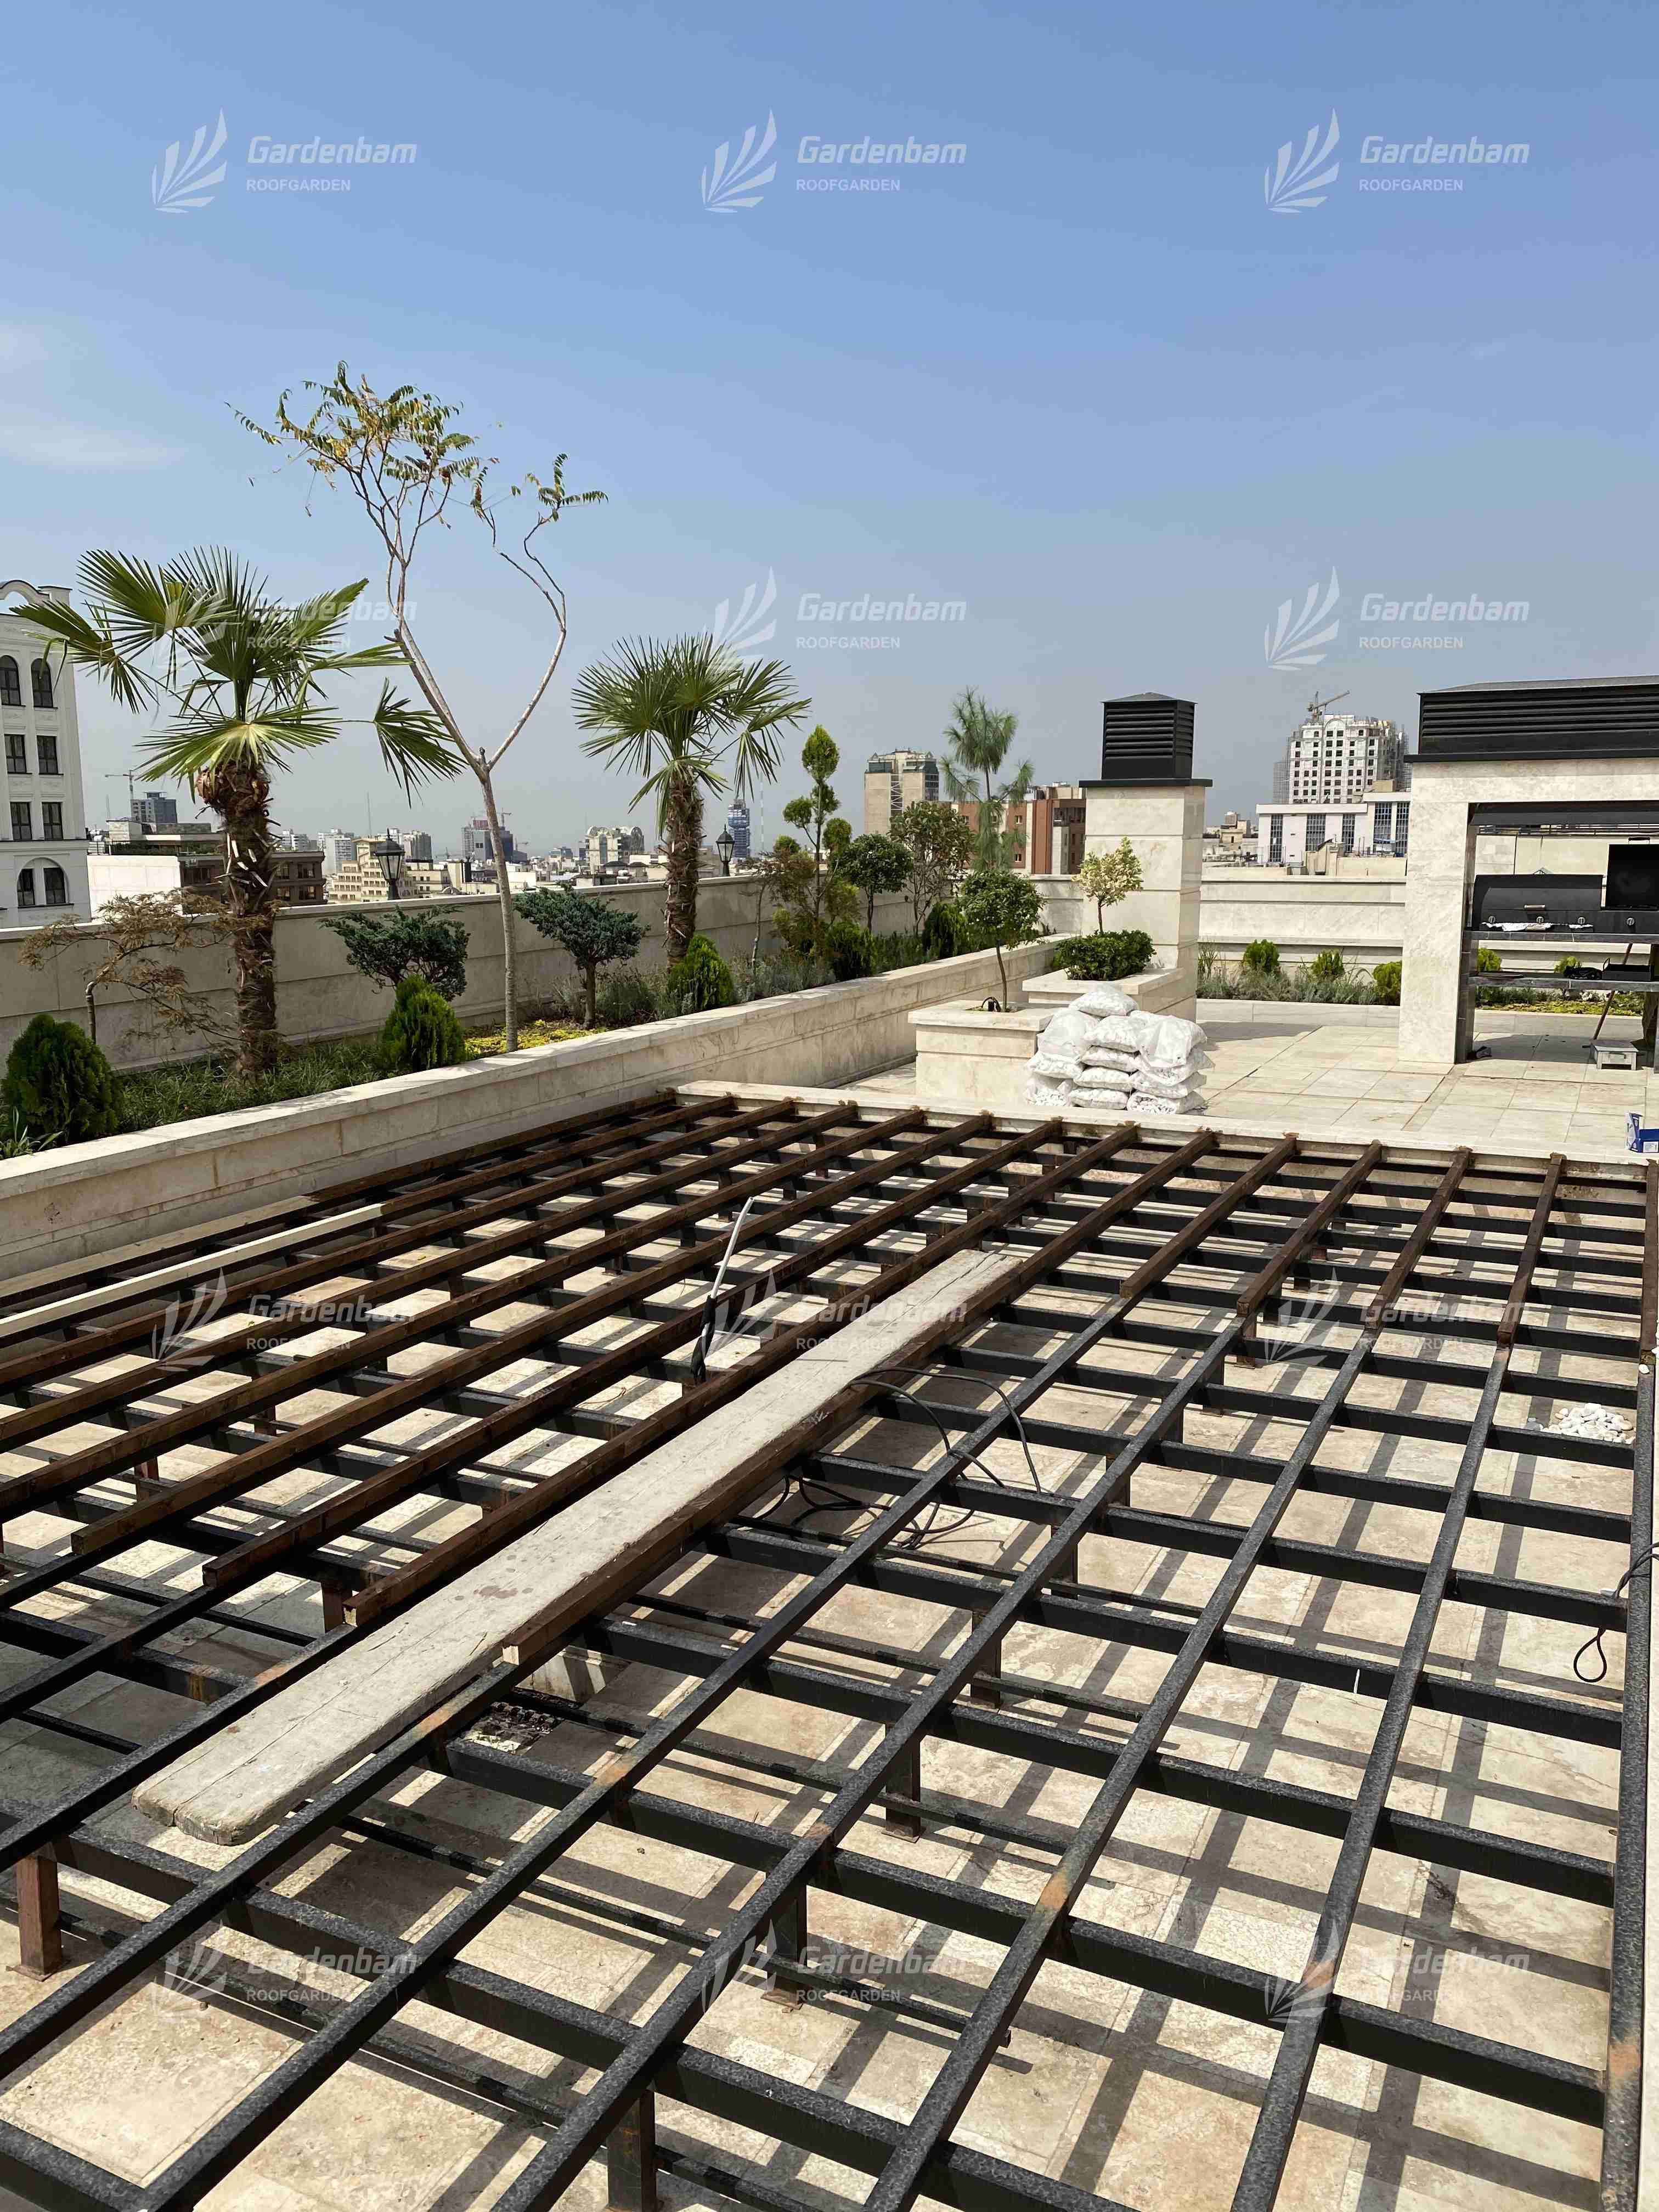 روف گاردن   طراحی و اجرای روف گاردن شرکت گاردن بام-سعادت آباد